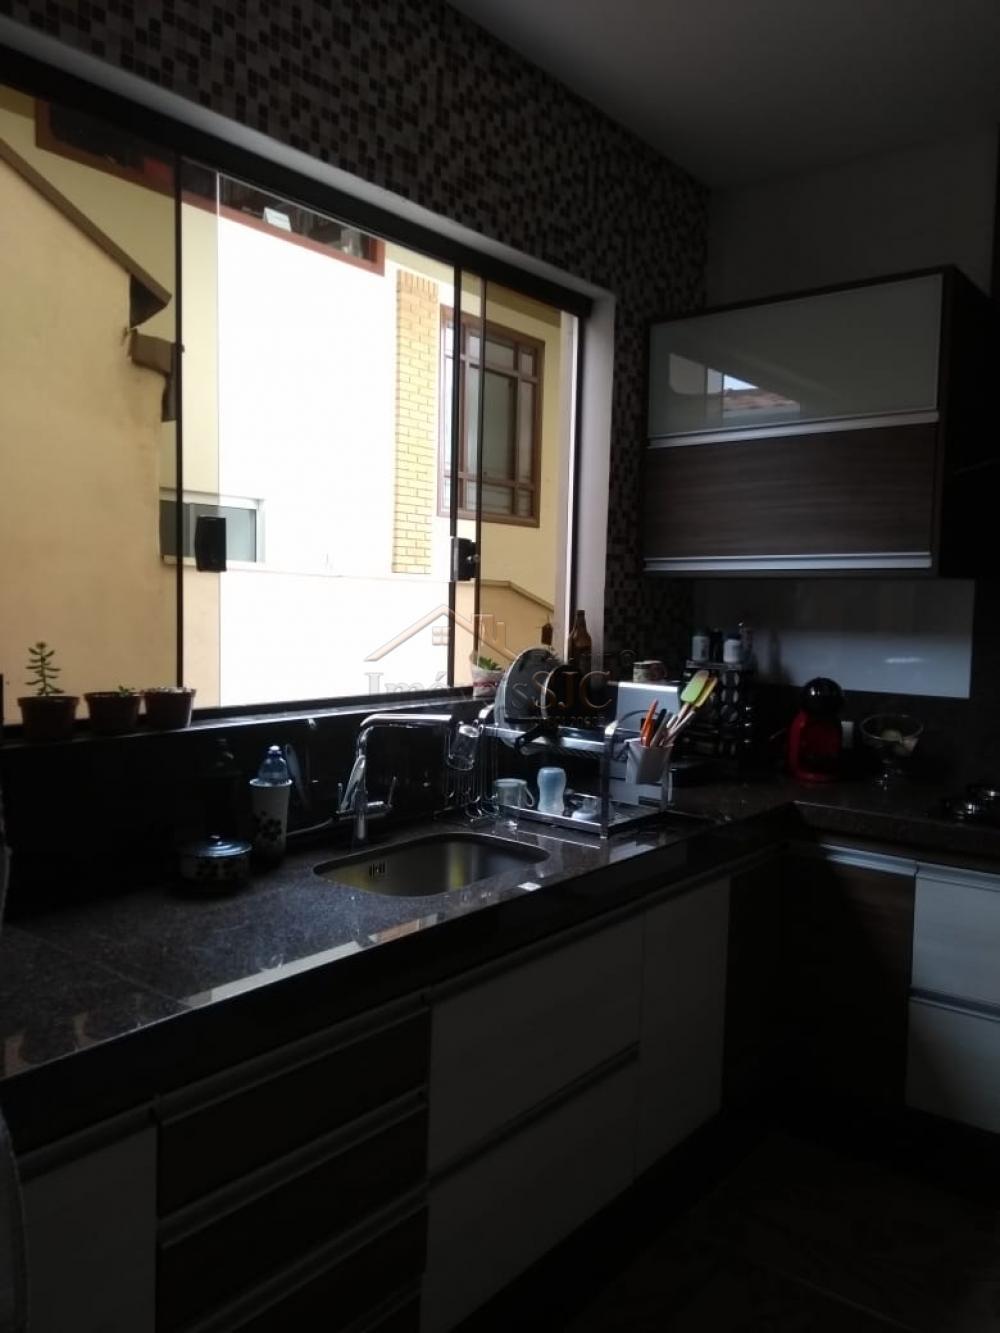 Alugar Casas / Padrão em São José dos Campos apenas R$ 4.400,00 - Foto 19